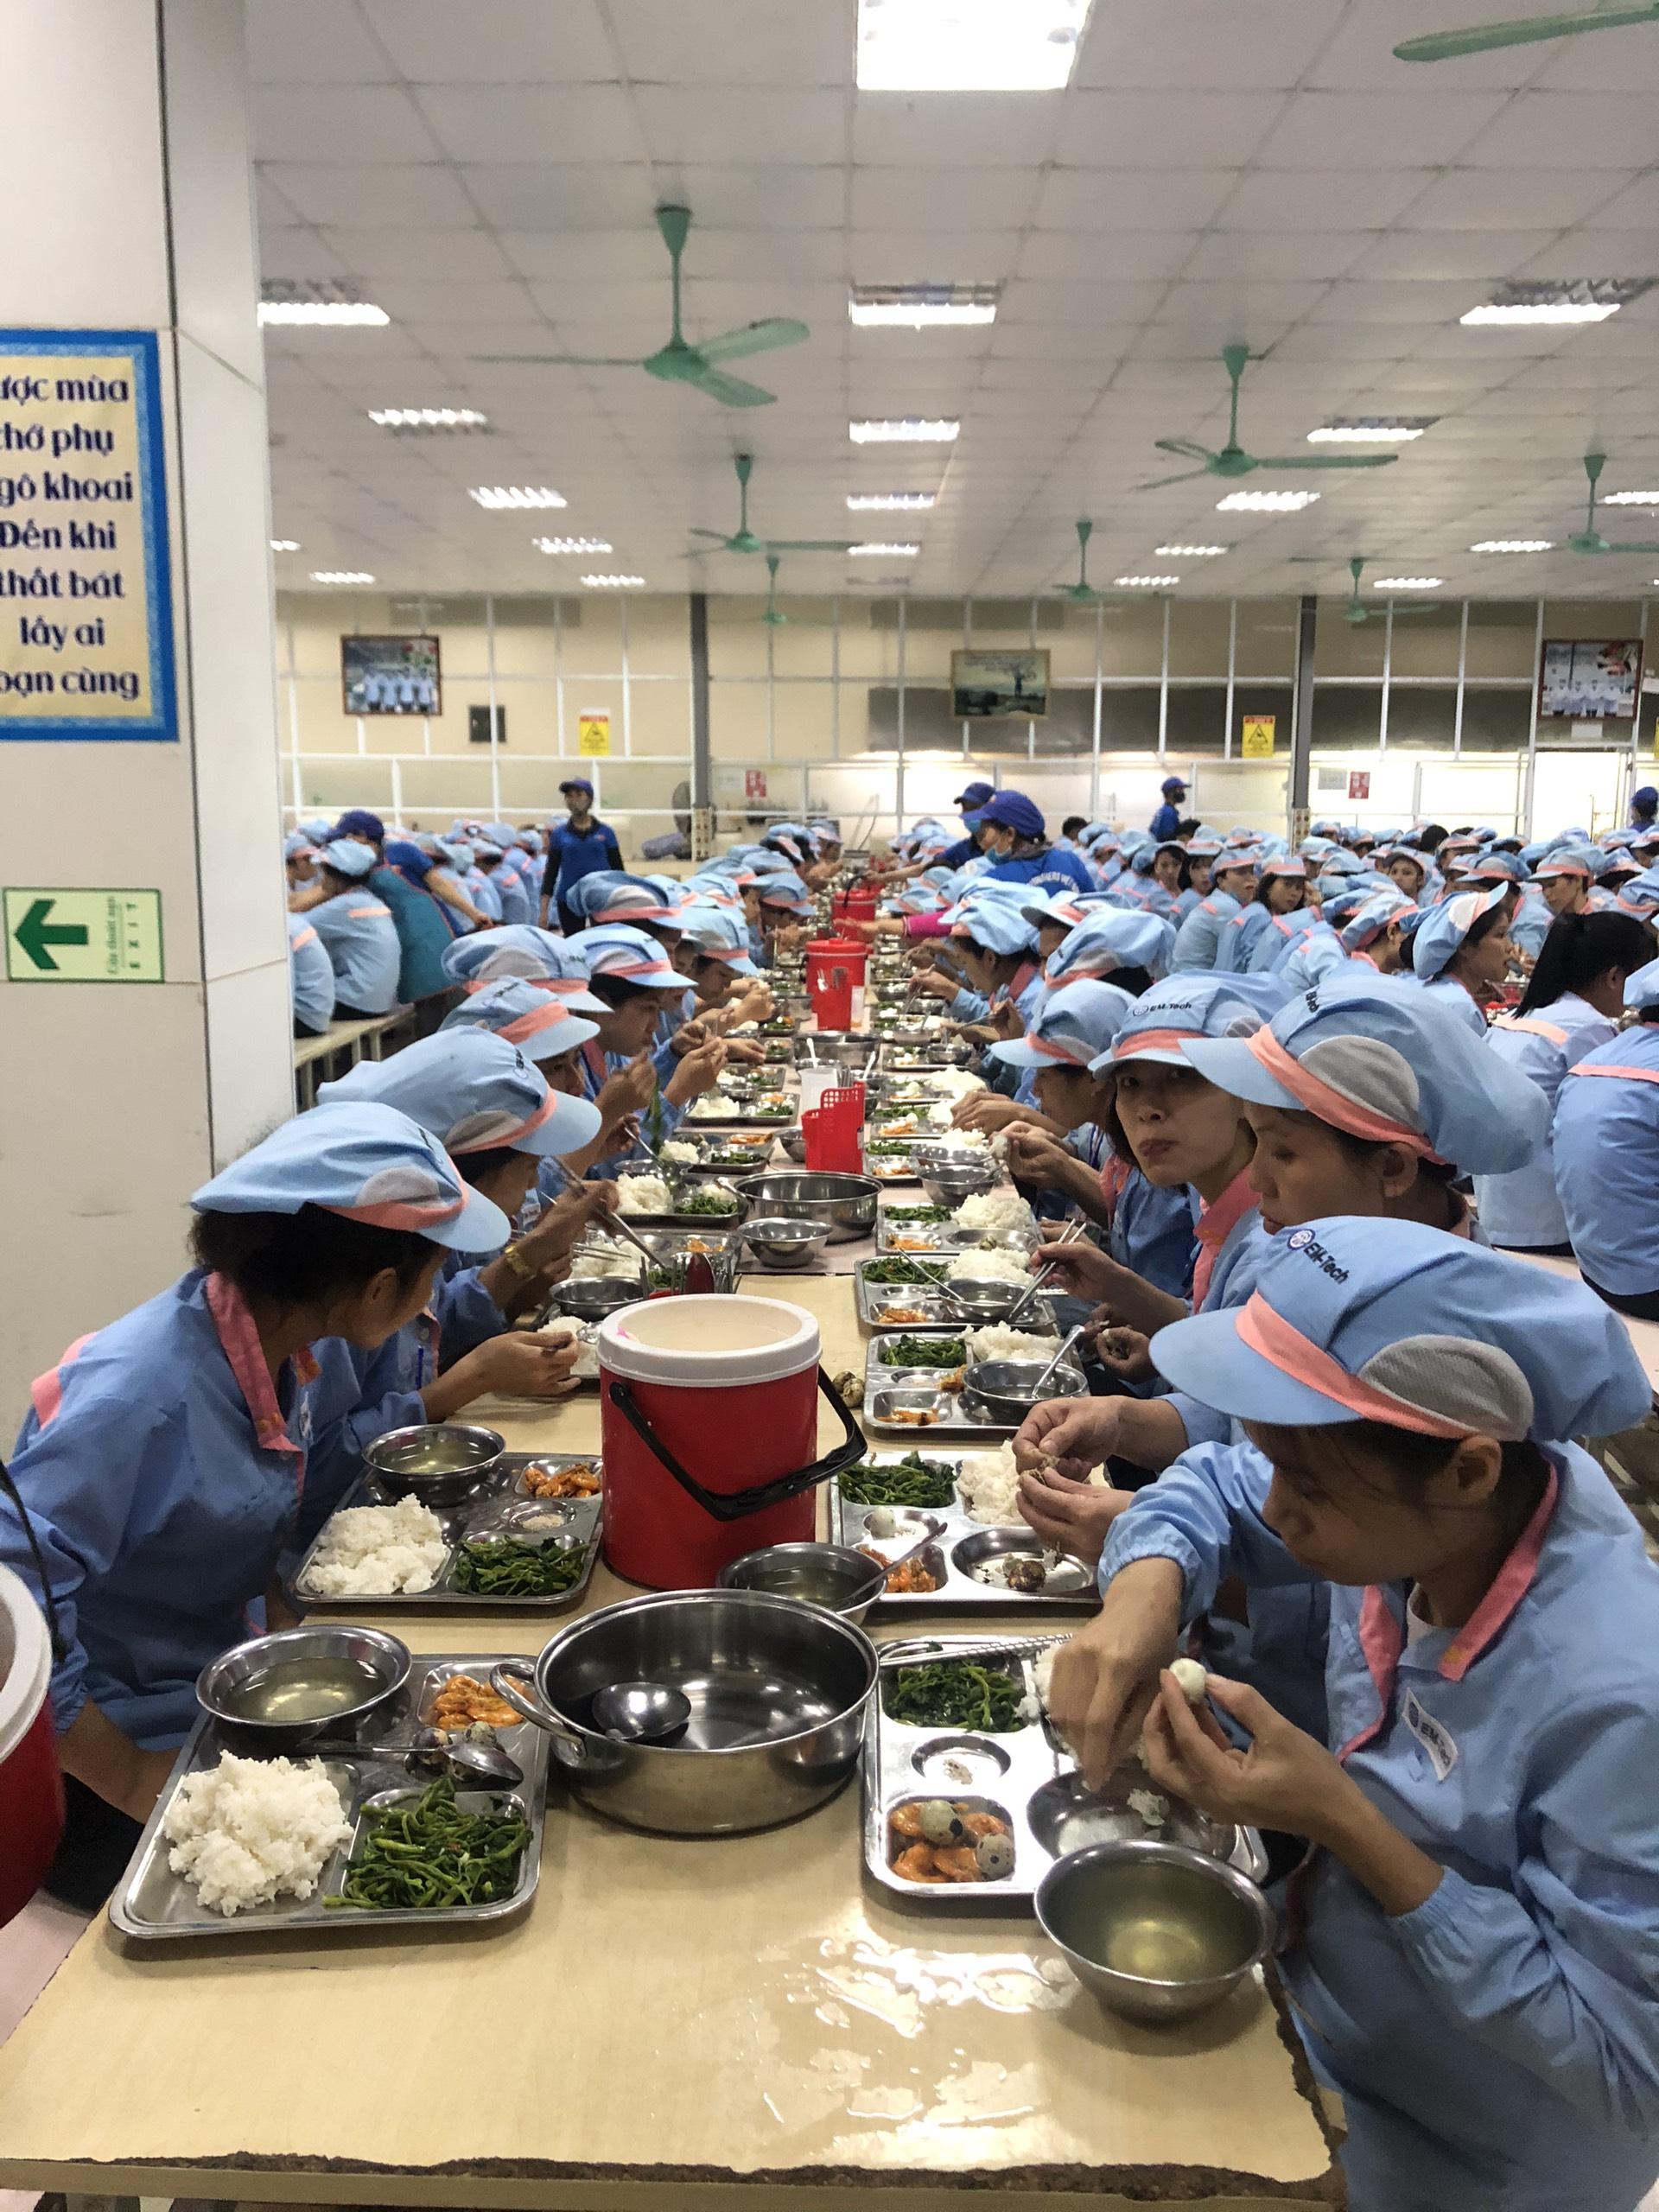 dịch vụ cung cấp suất ăn công nghiệp tại Quảng Ninh